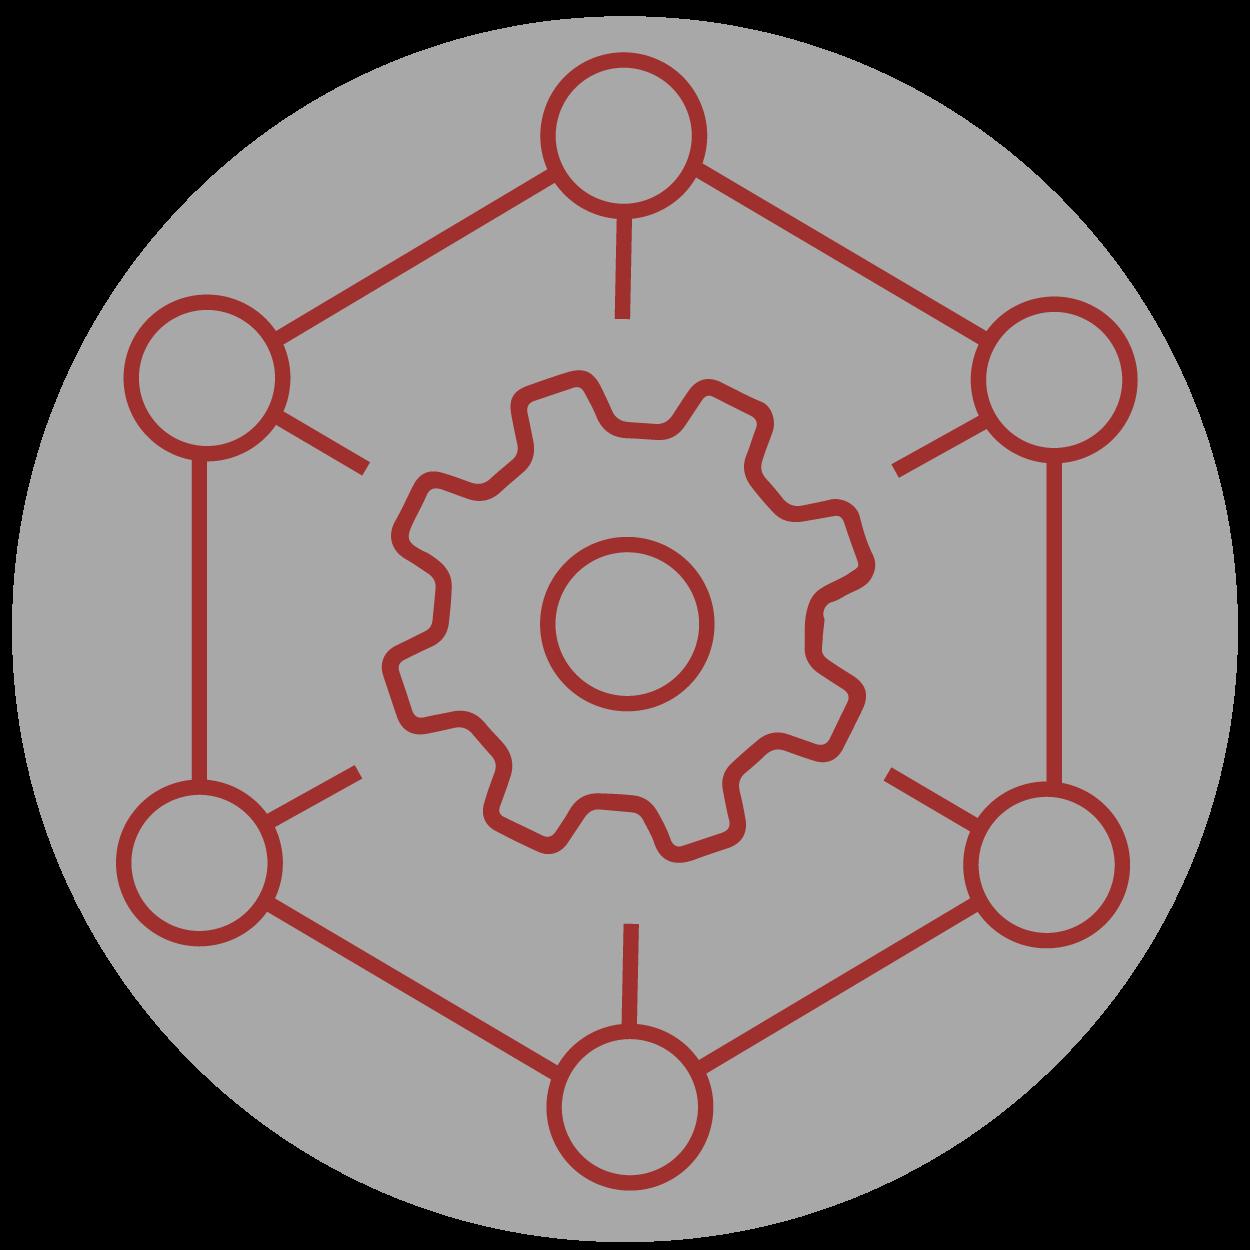 Desarrollo de sistemas y redes